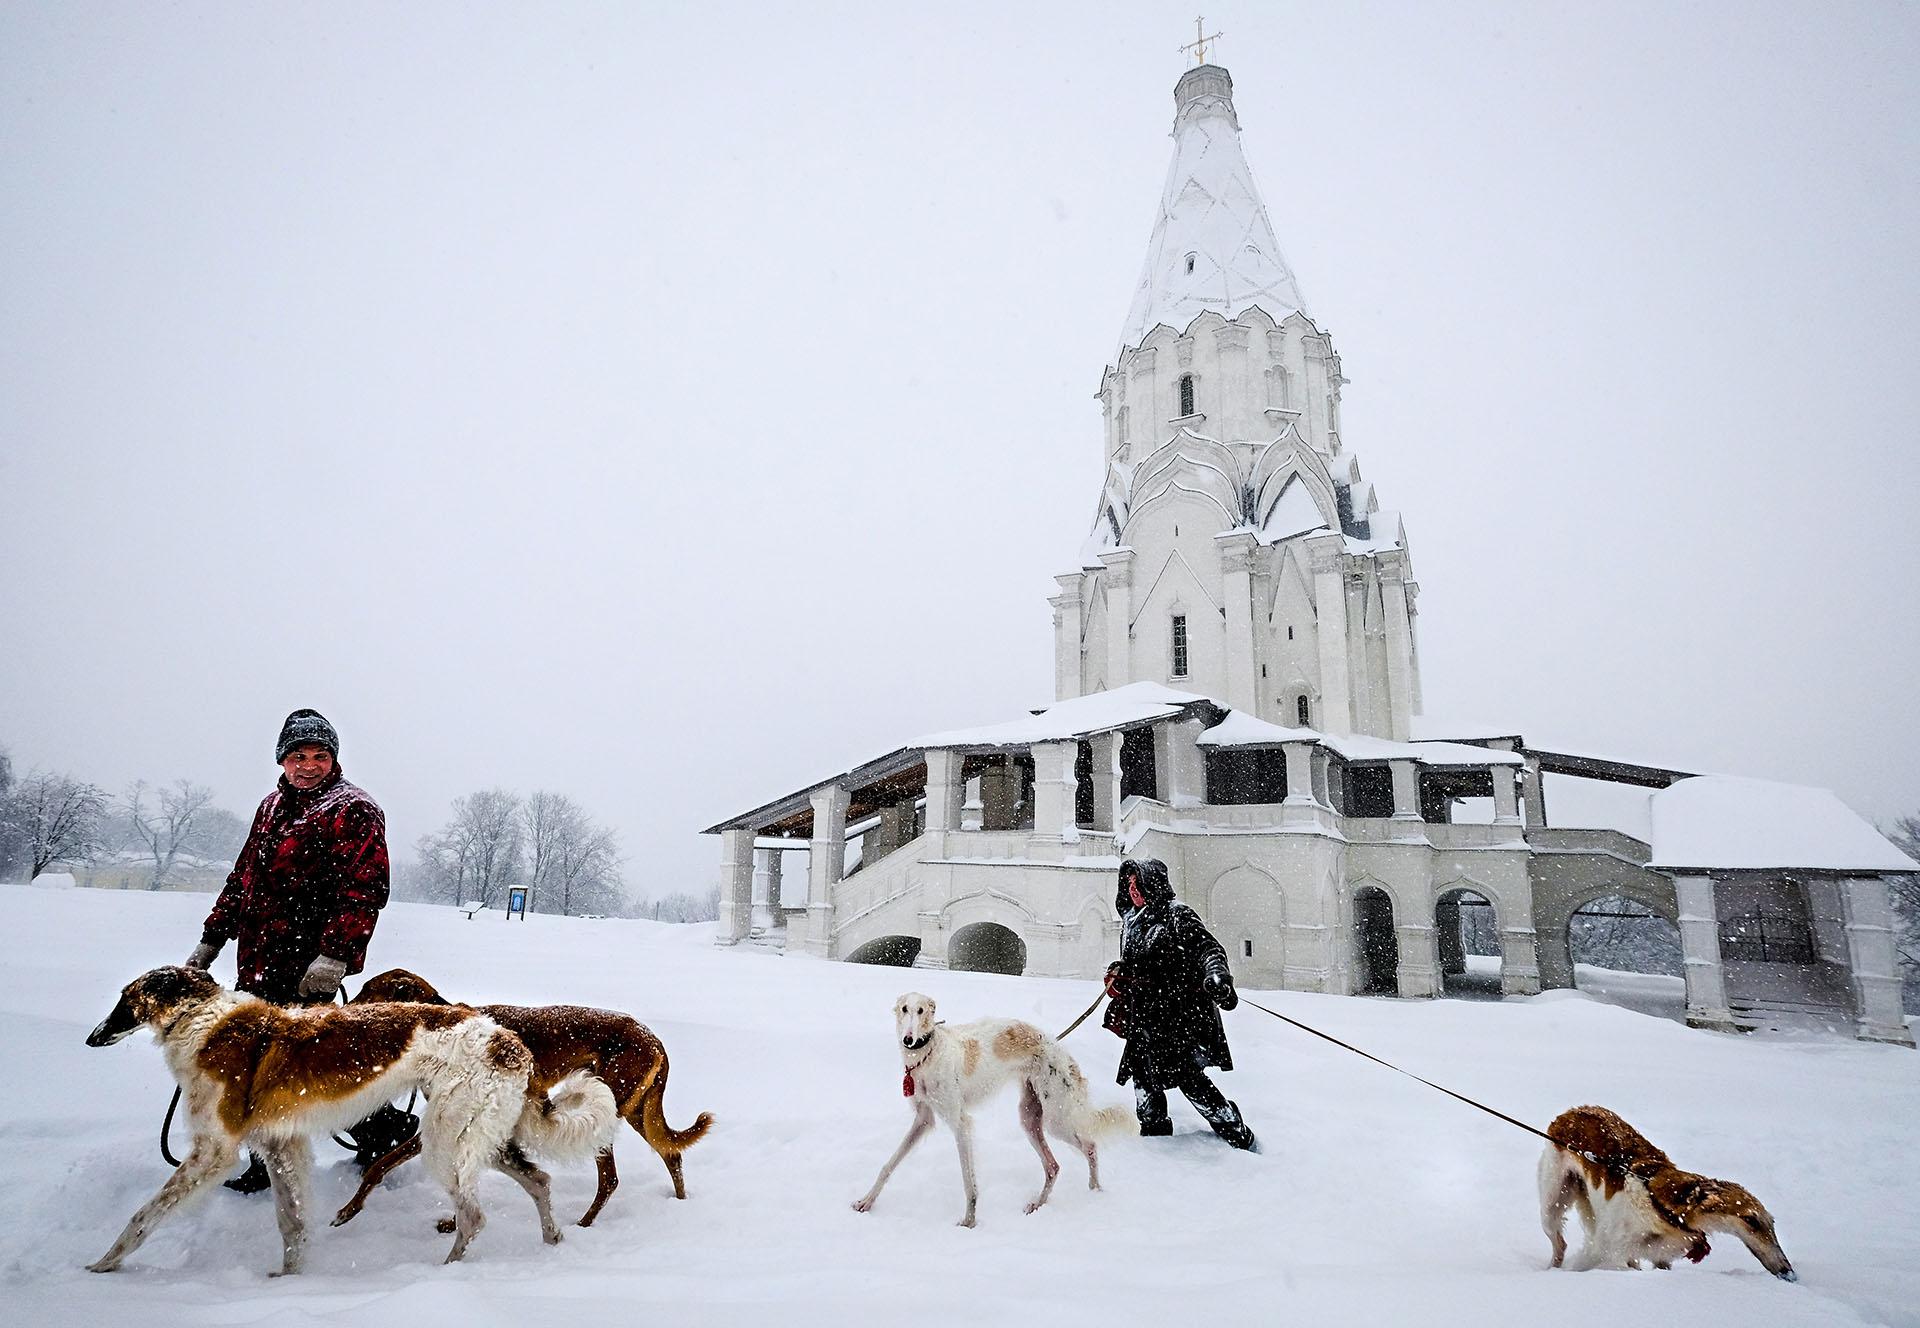 Durante el fin de semana, los servicios públicos han retirado de las calles y de las carreteras la cifra récord de 1,2 millones de metros cúbicos de nieve